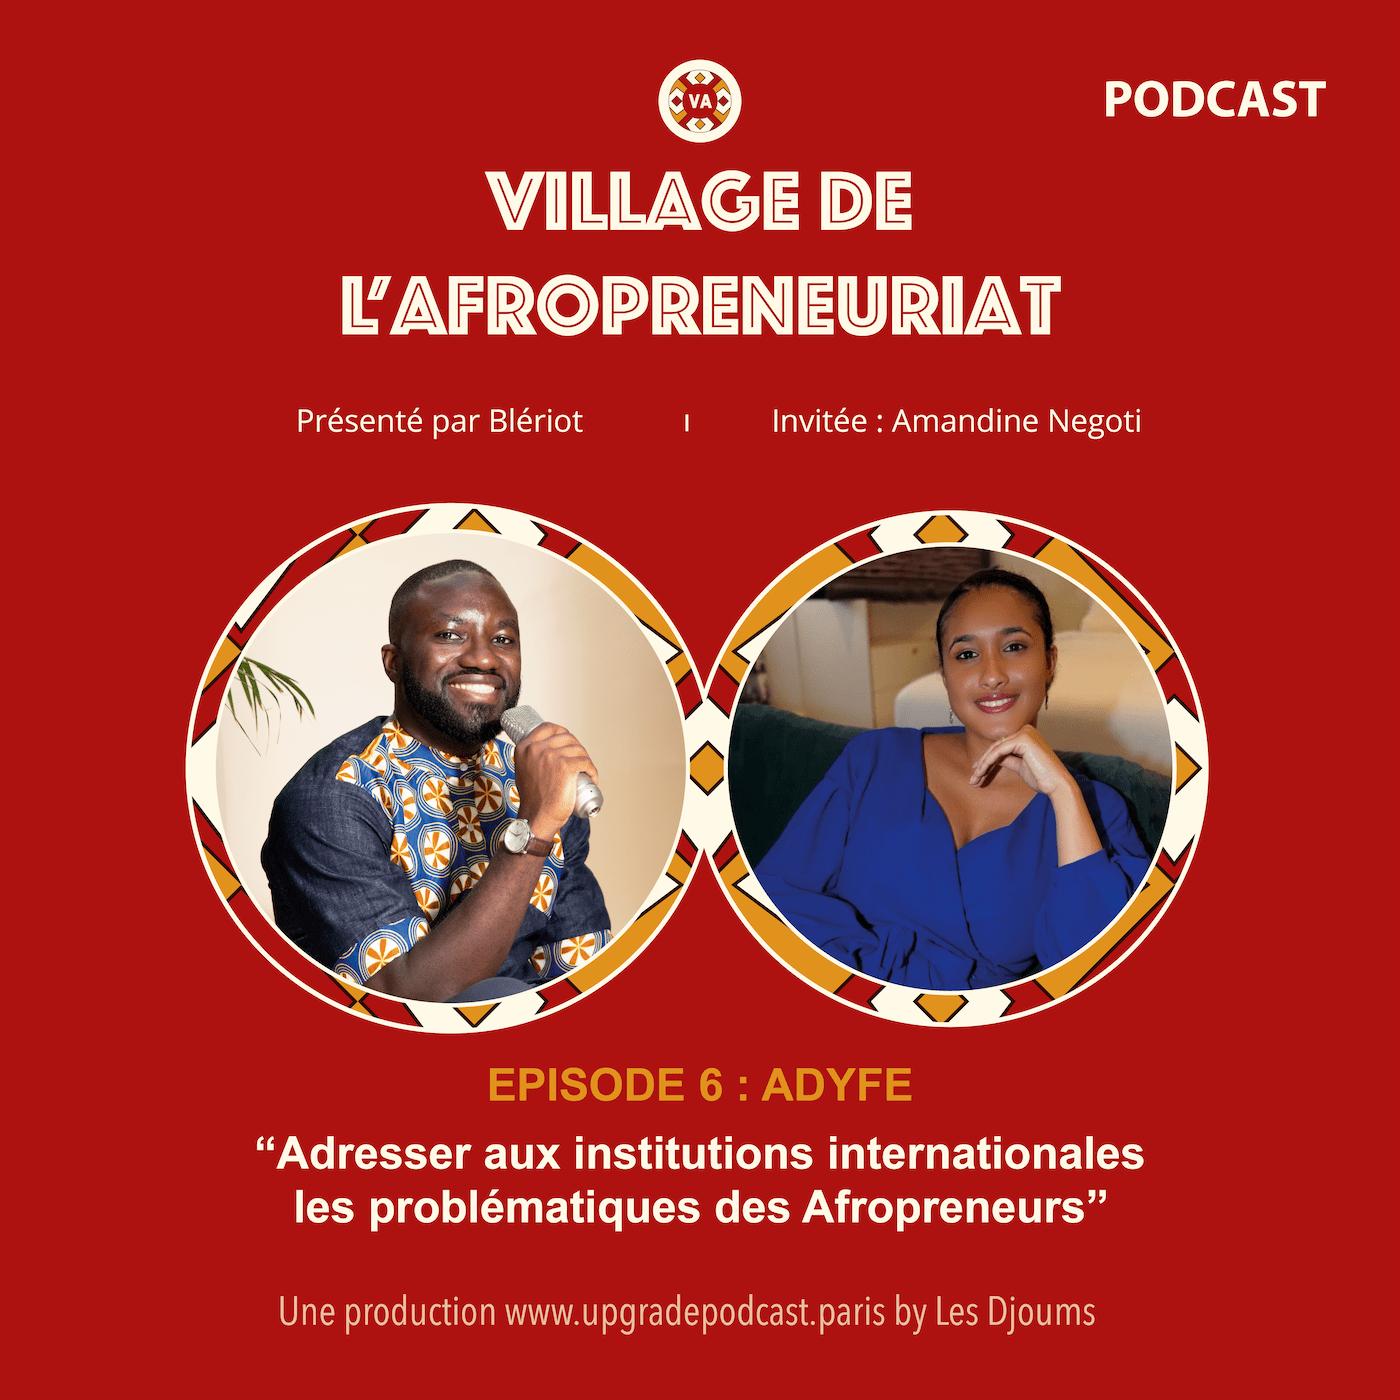 S1EP6 - Adresser aux institutions internationales les problématiques des Afropreneurs - ADYFE